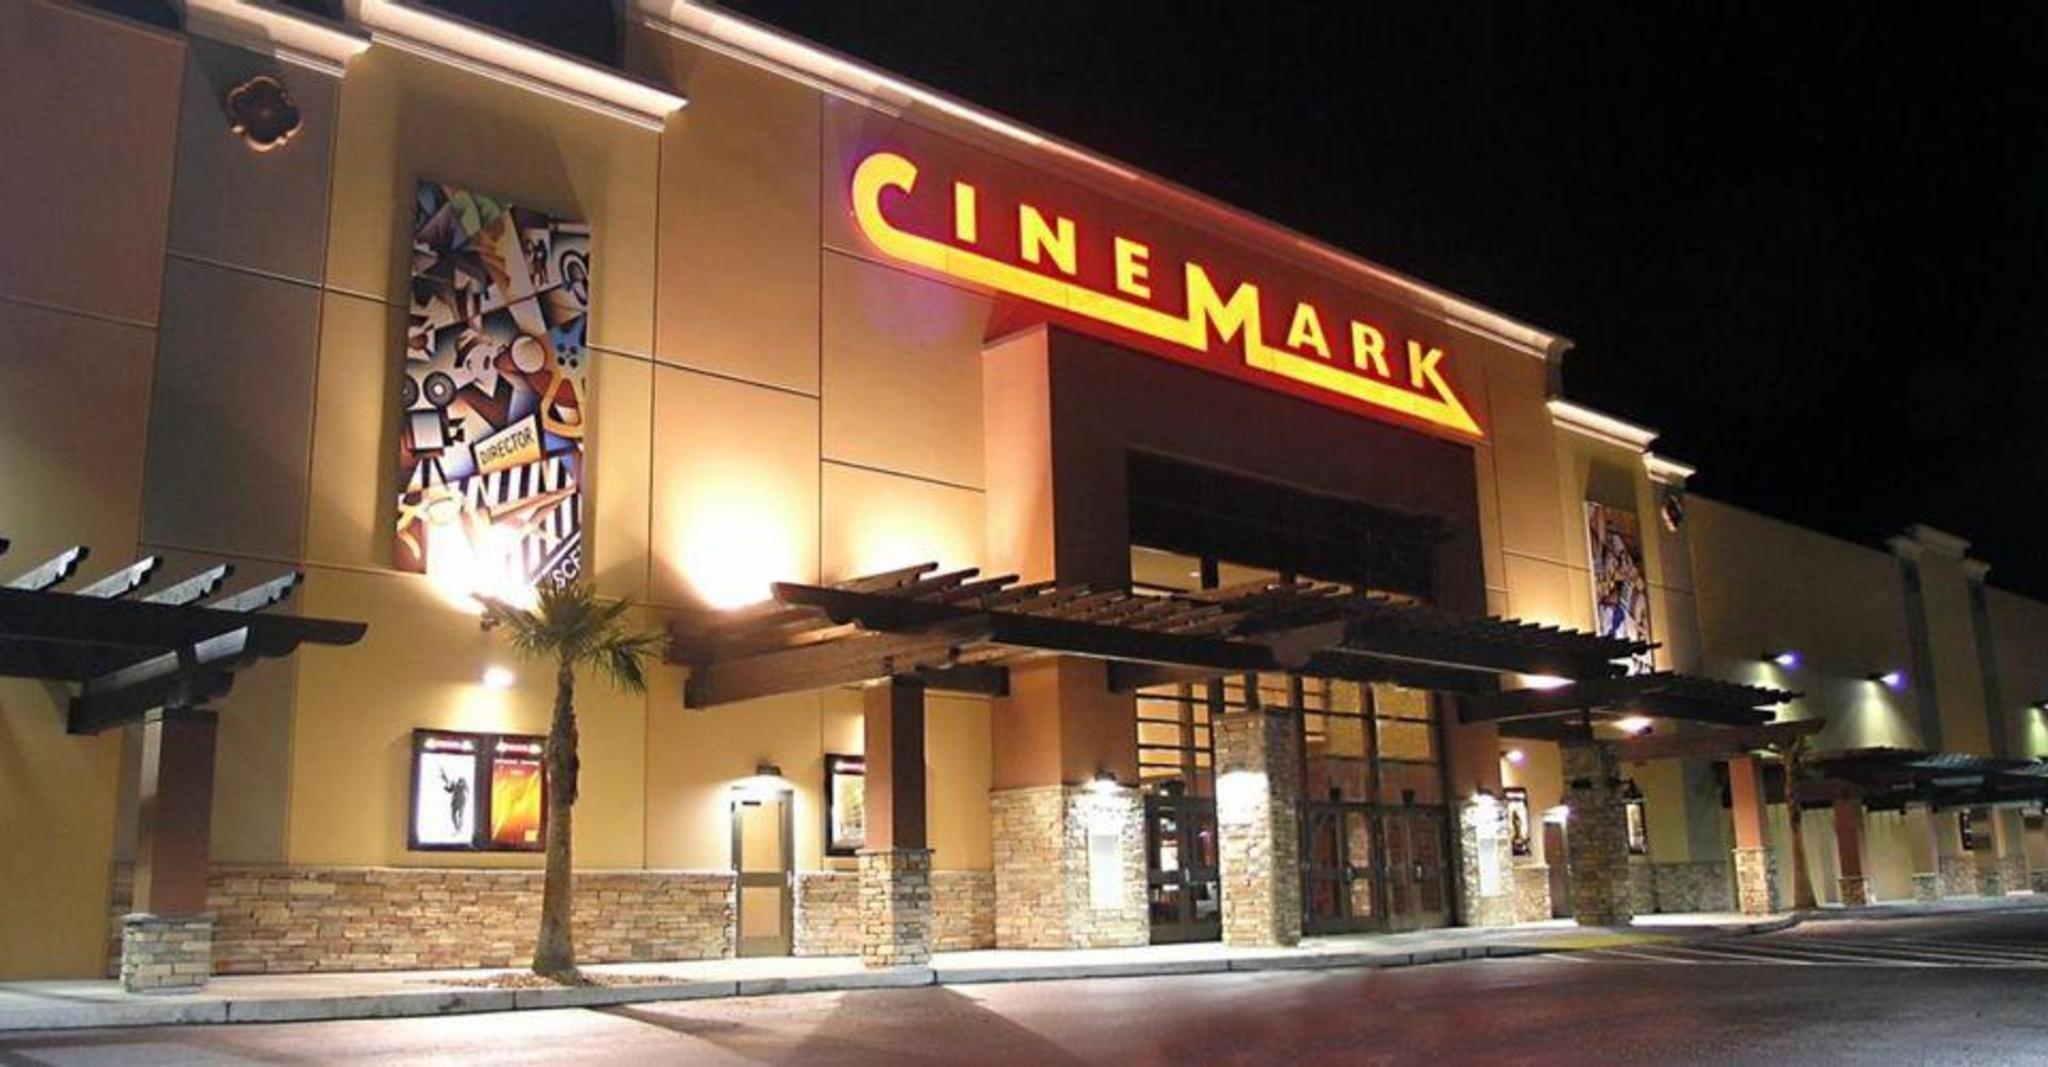 Haben Kinos Geöffnet